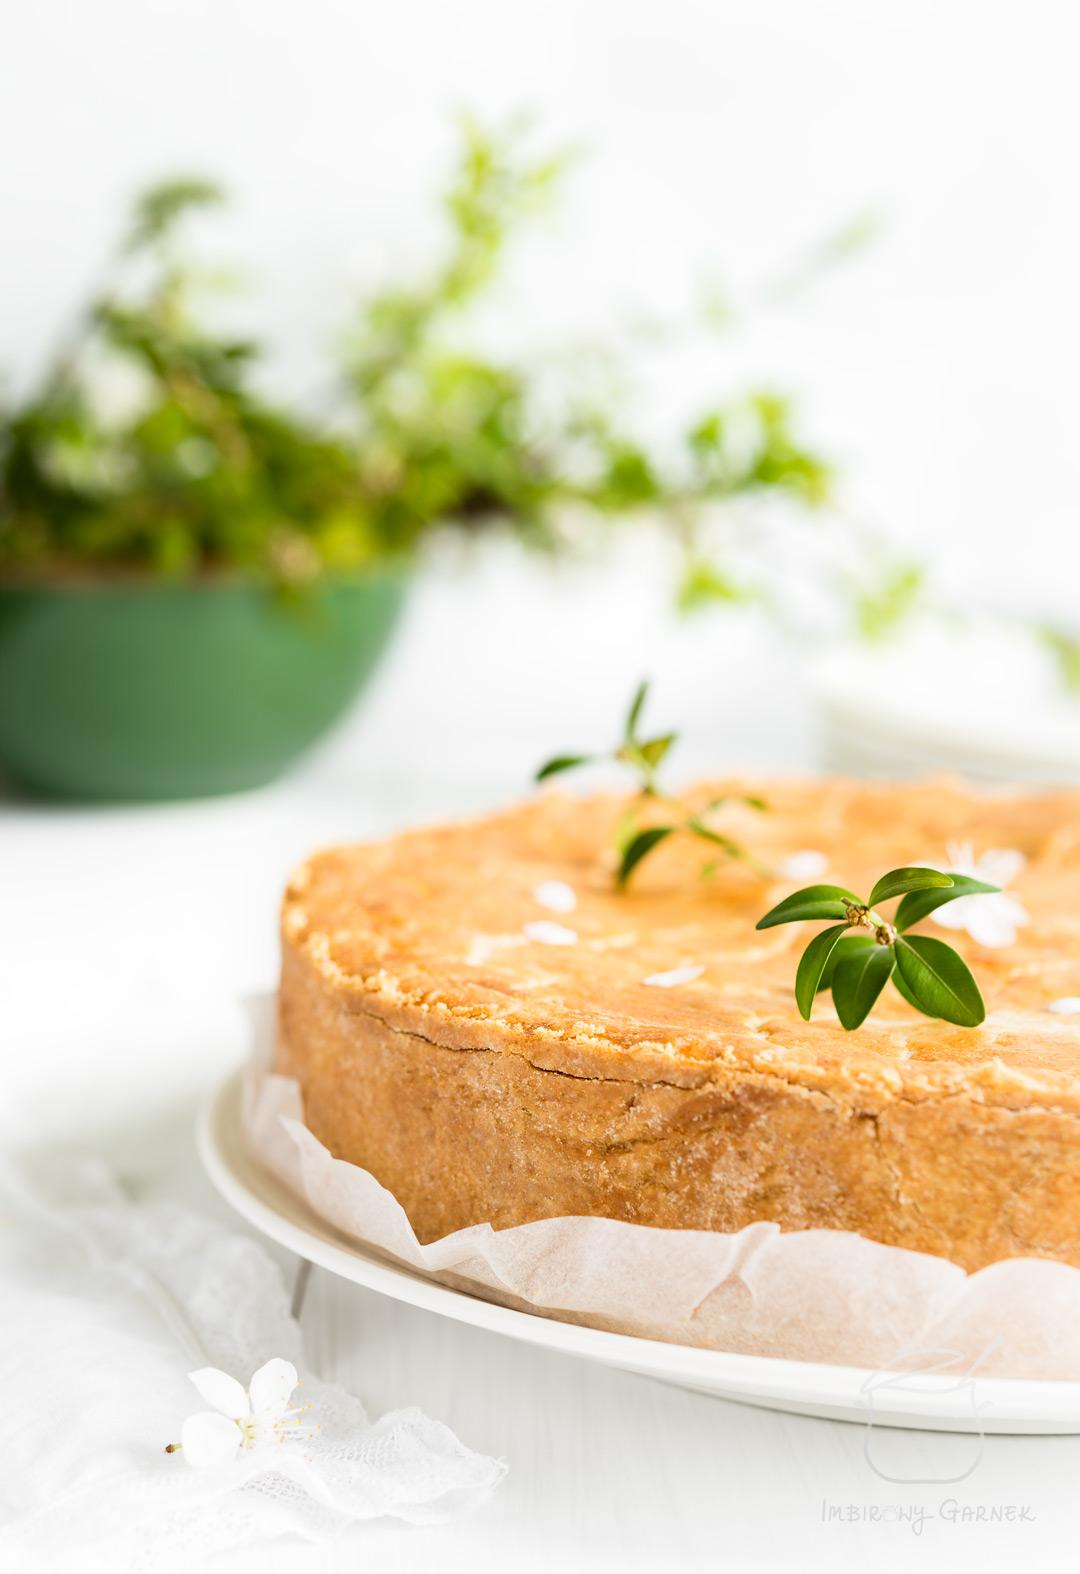 Meat pie z mięsem mielonym i warzywami | Przepis | Imbirowy Garnek